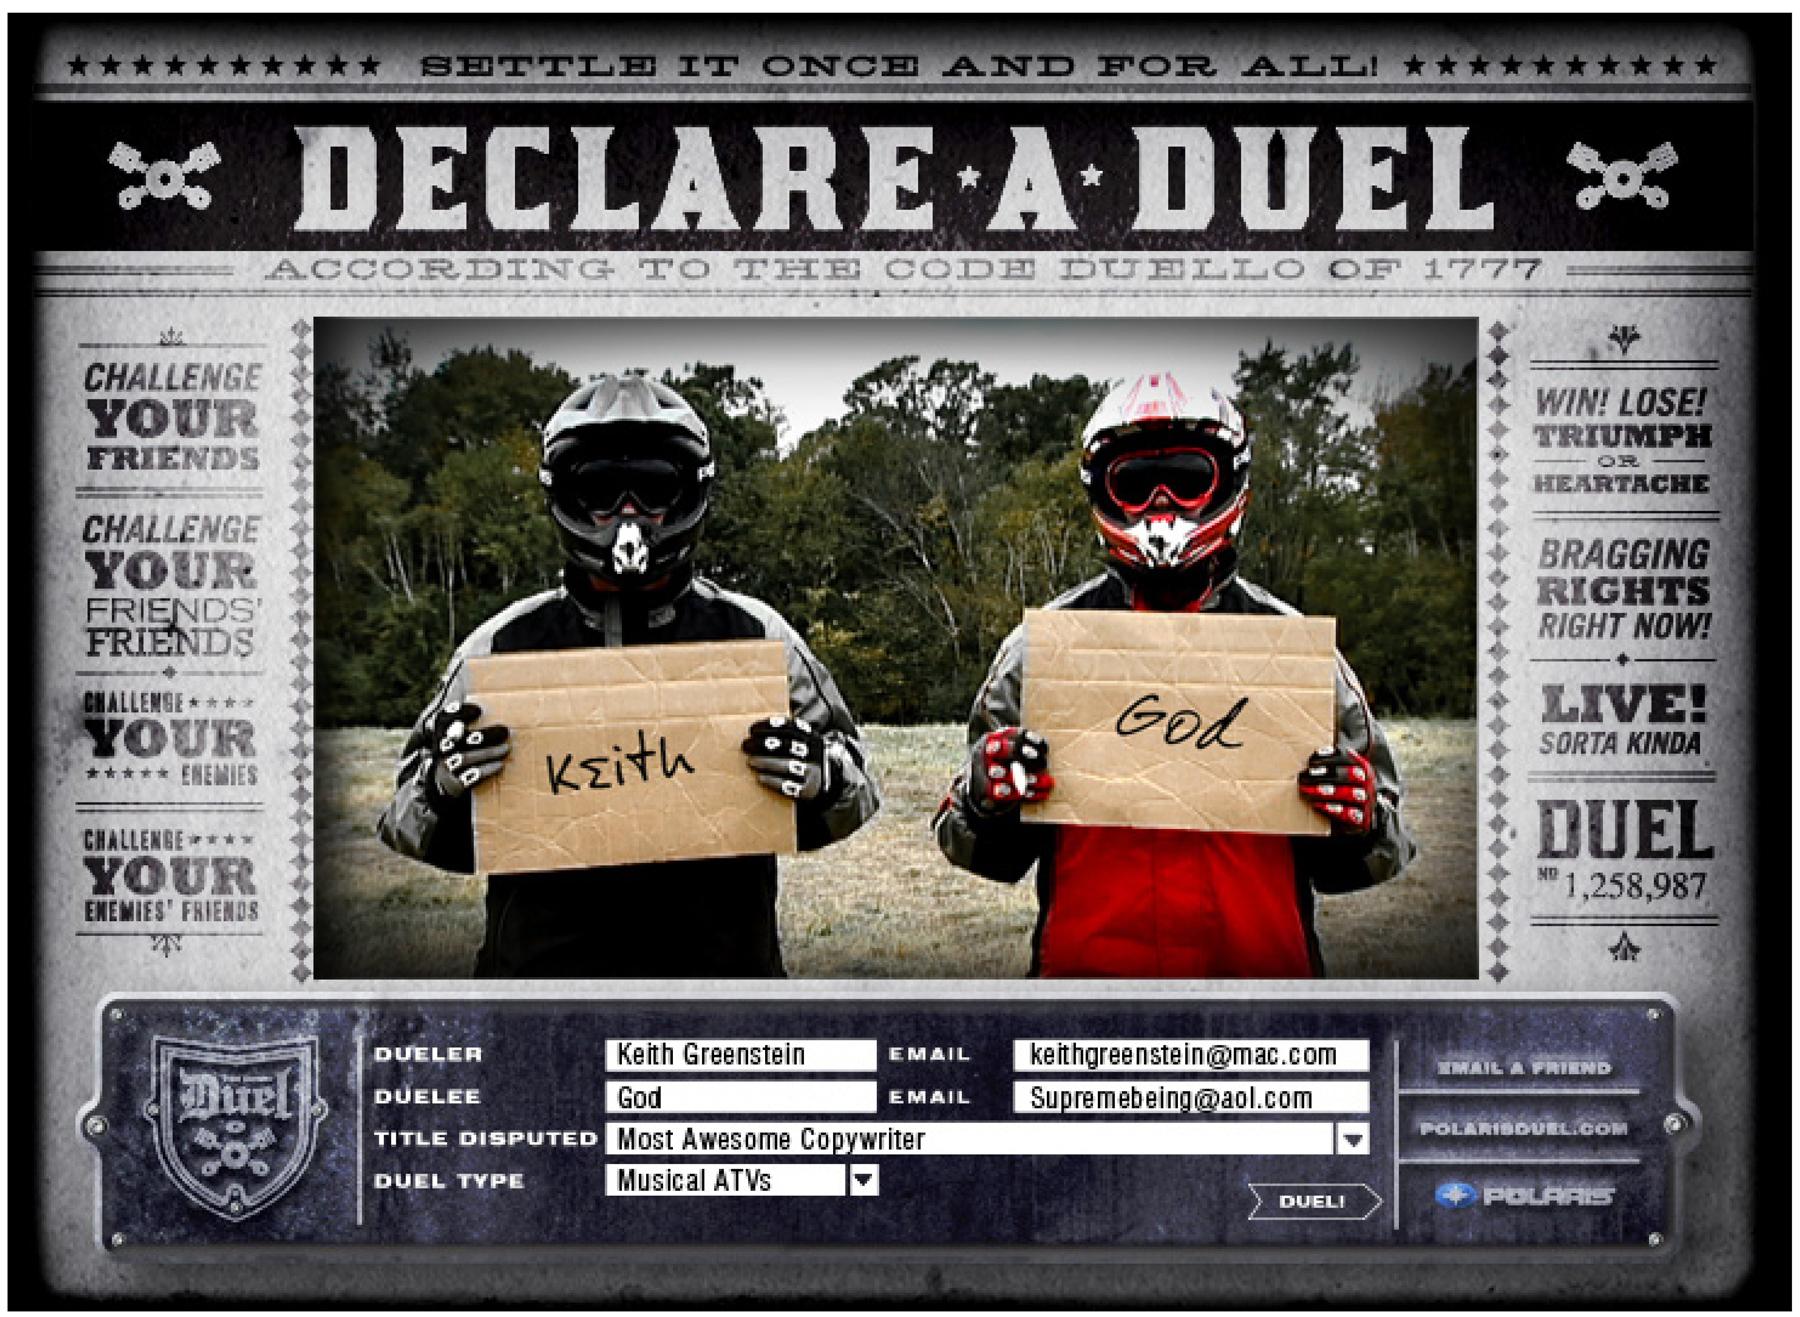 Duel_Declare1.jpg